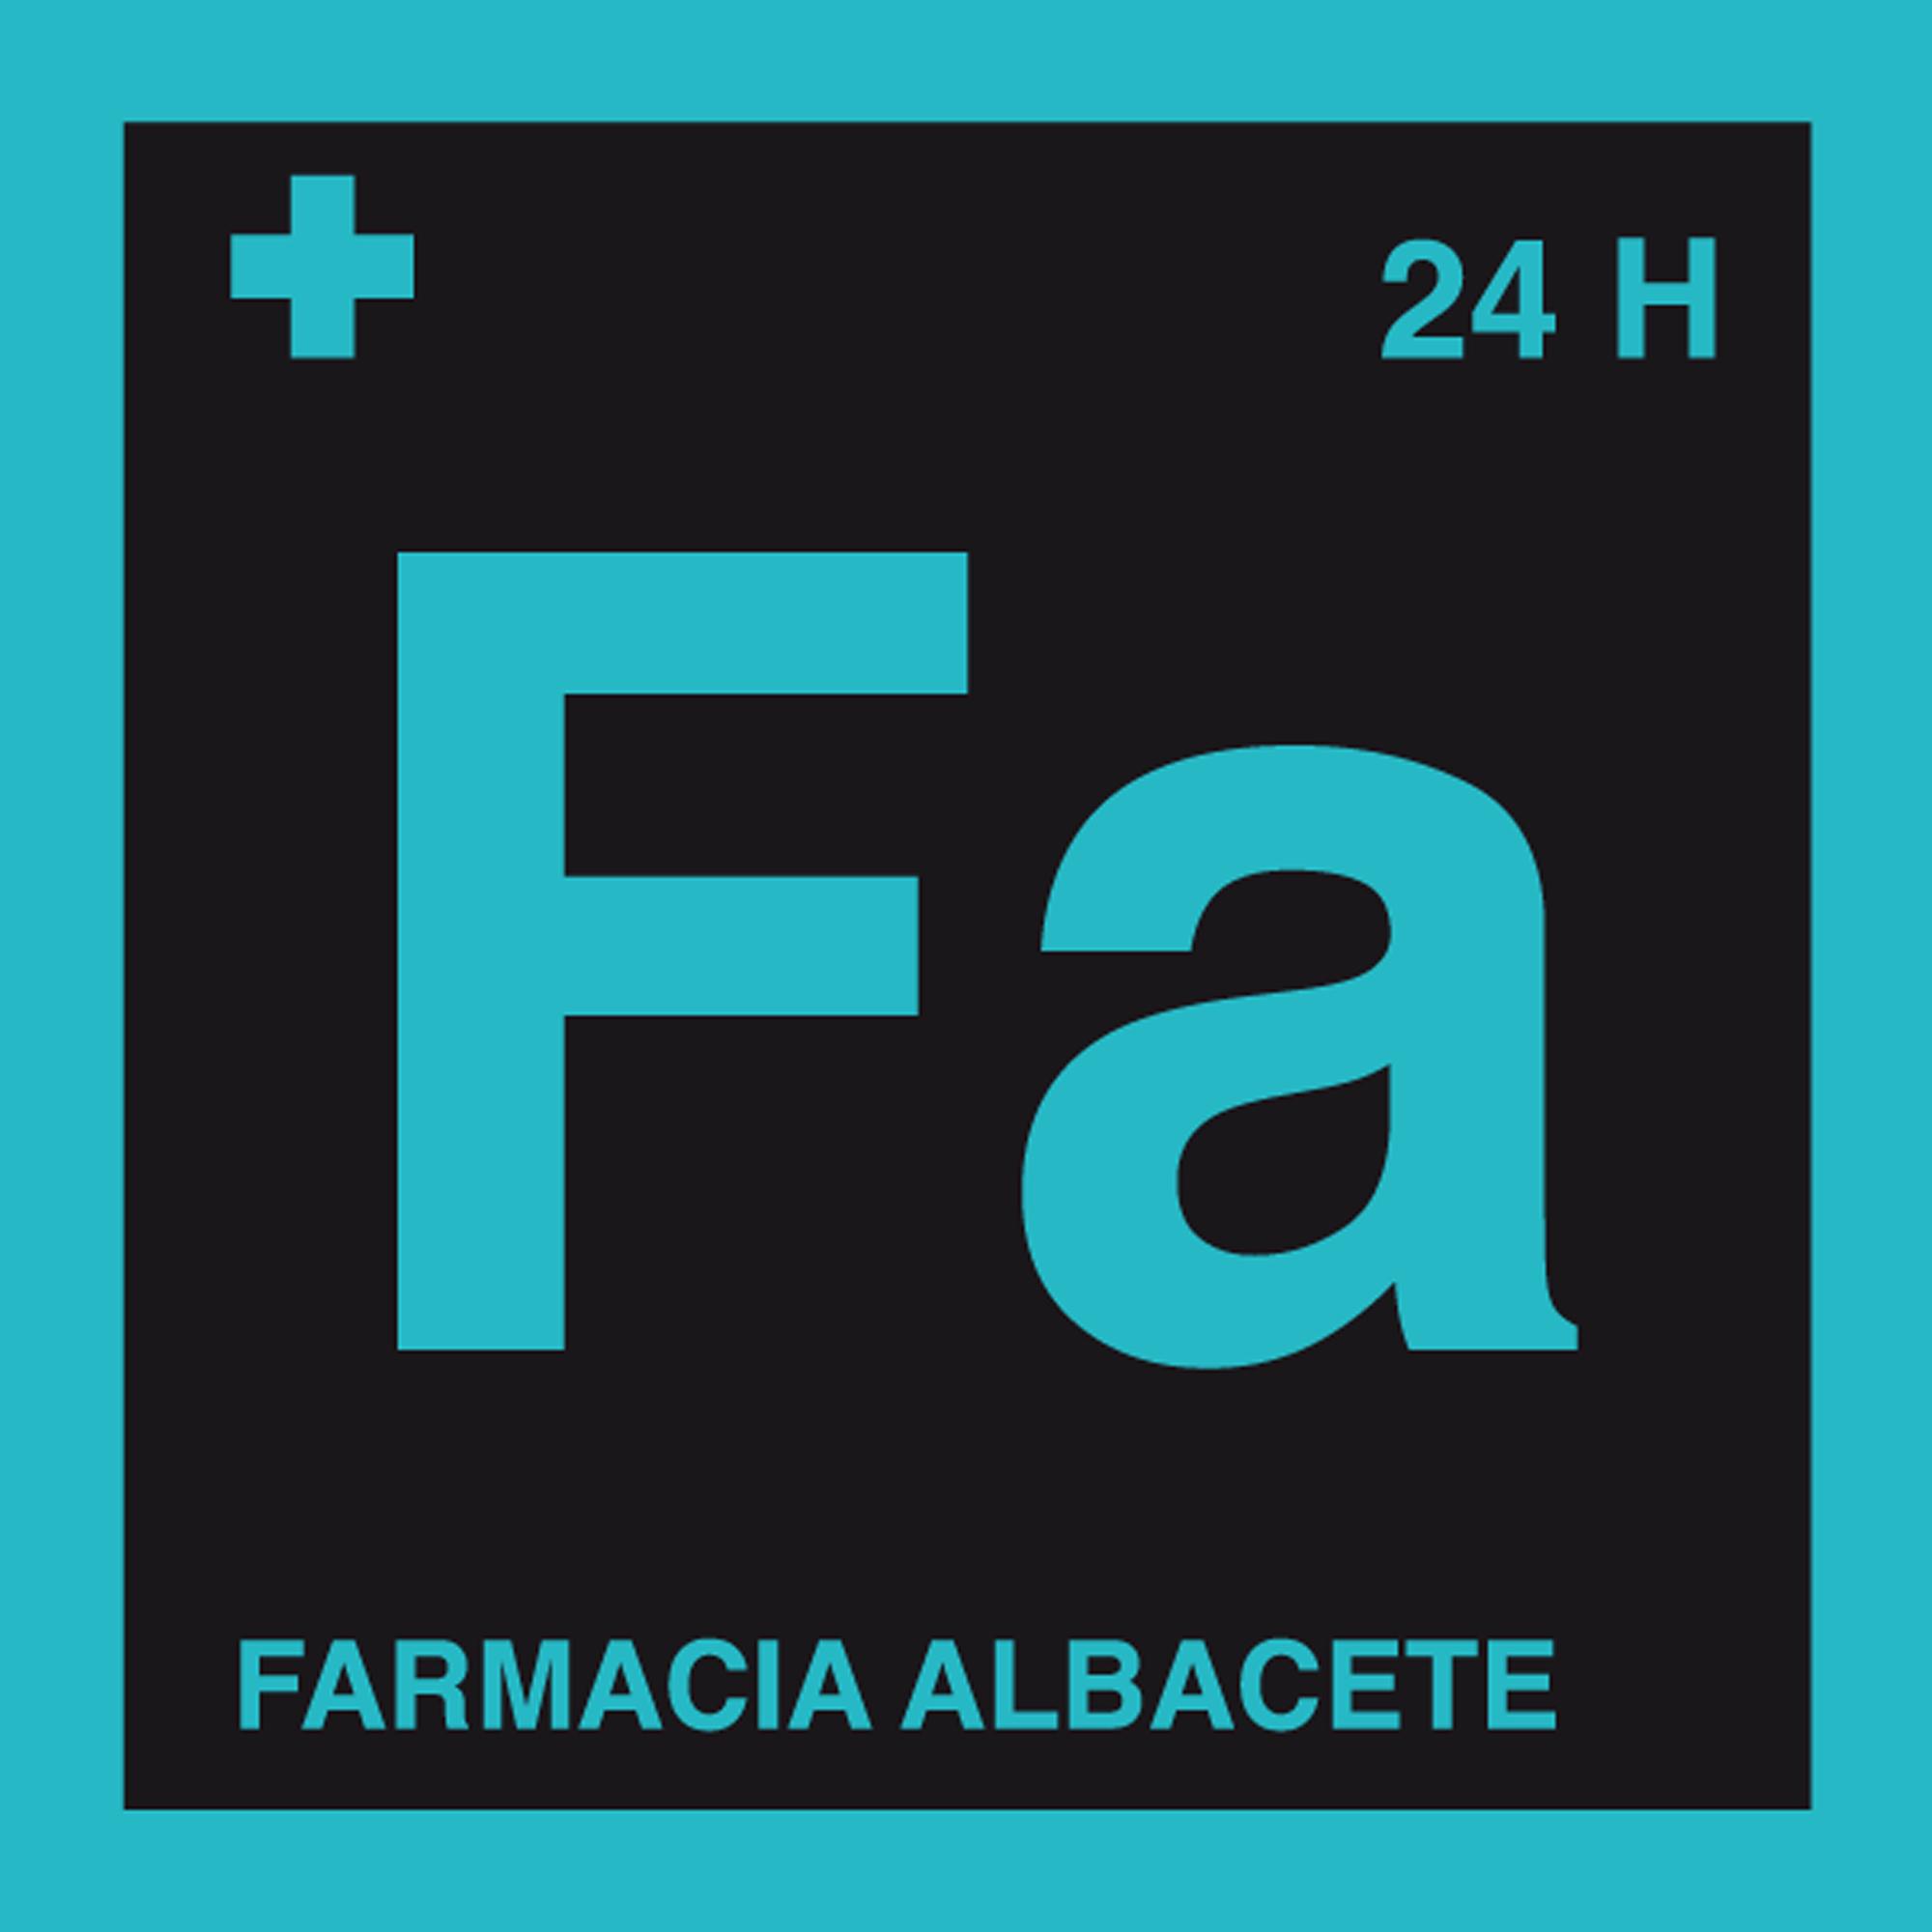 Farmacia Albacete